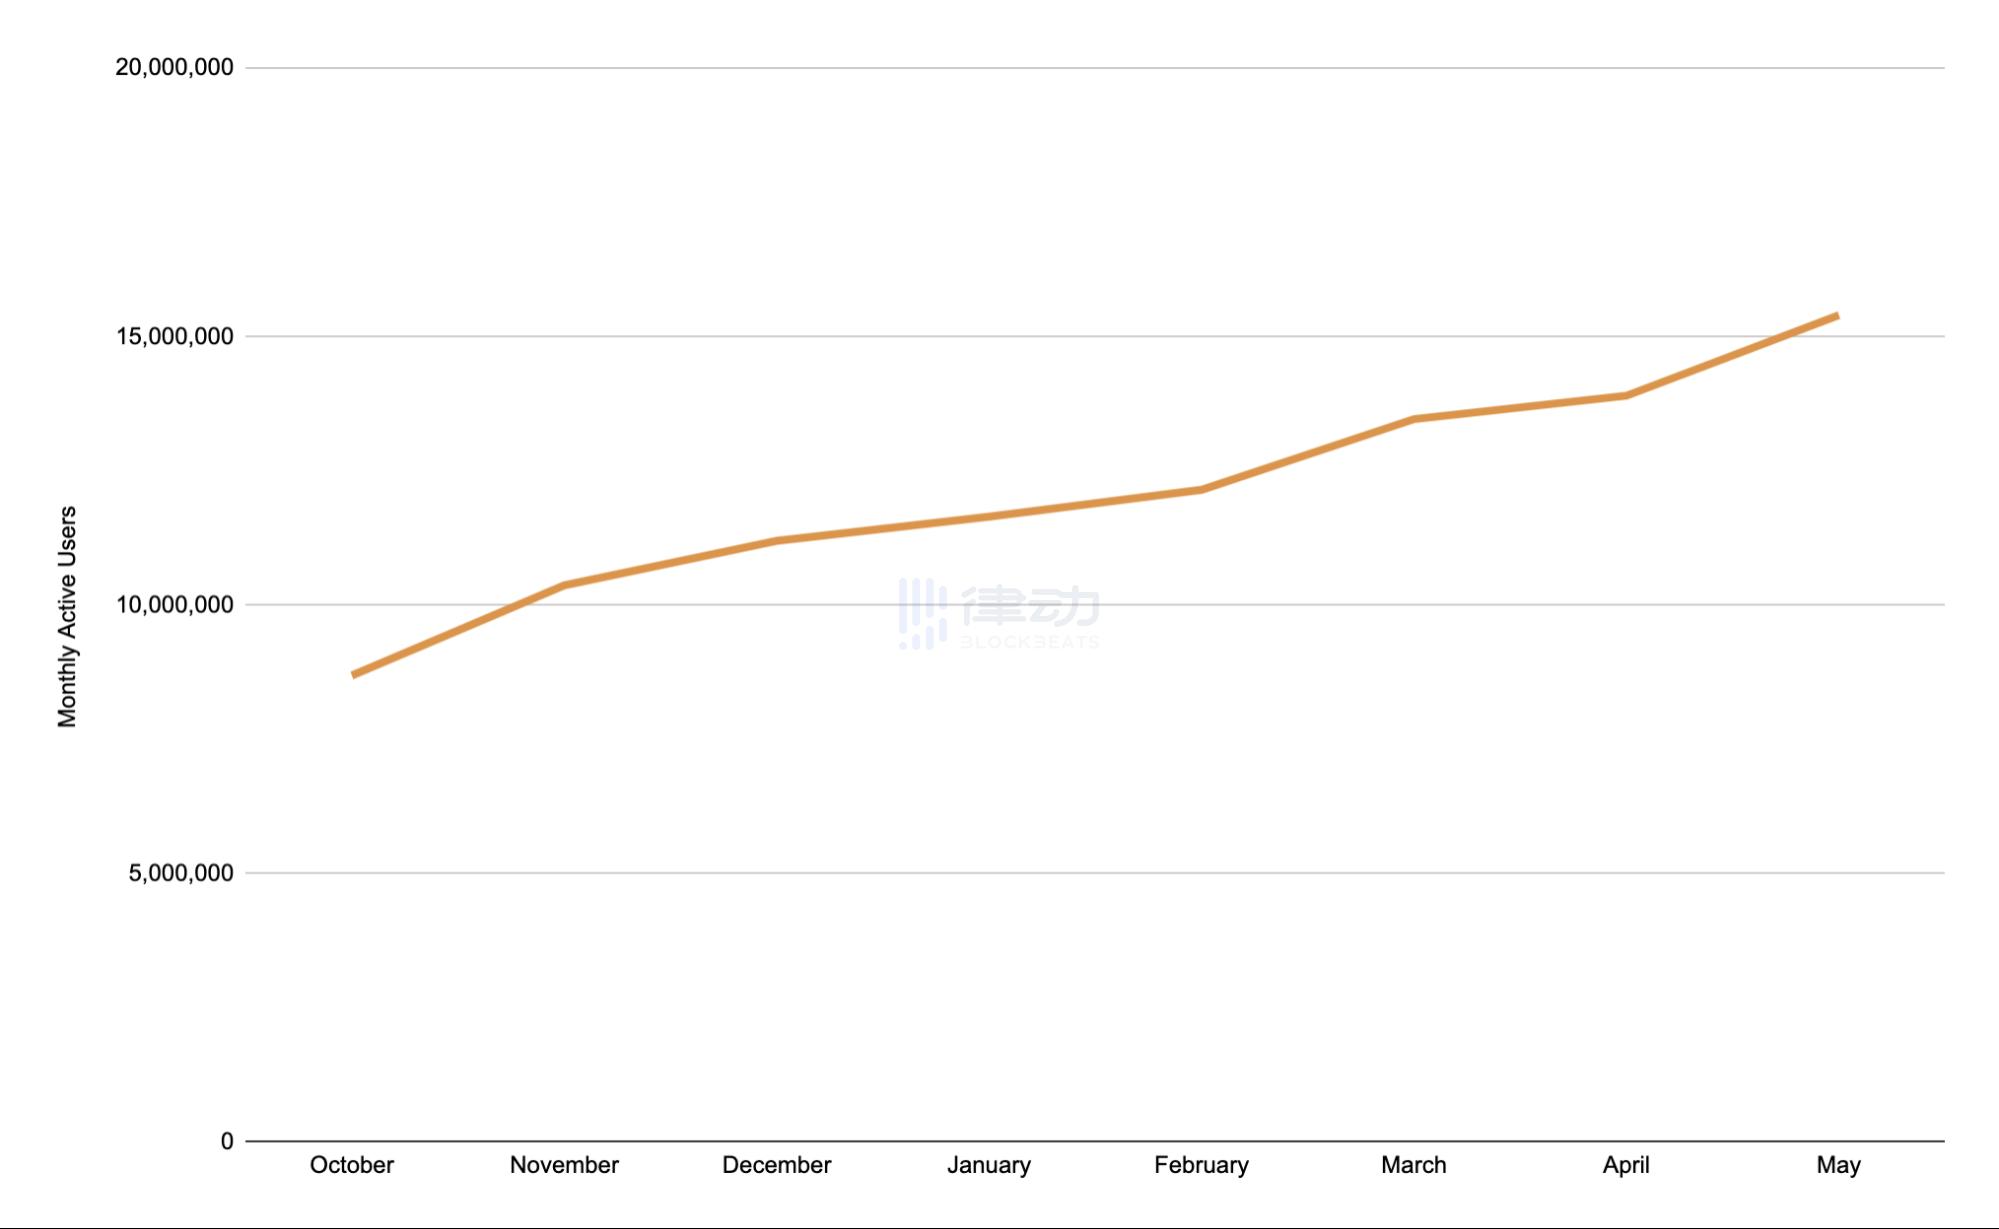 隐私保护浏览器Brave 5月活跃用户突破1500万人次